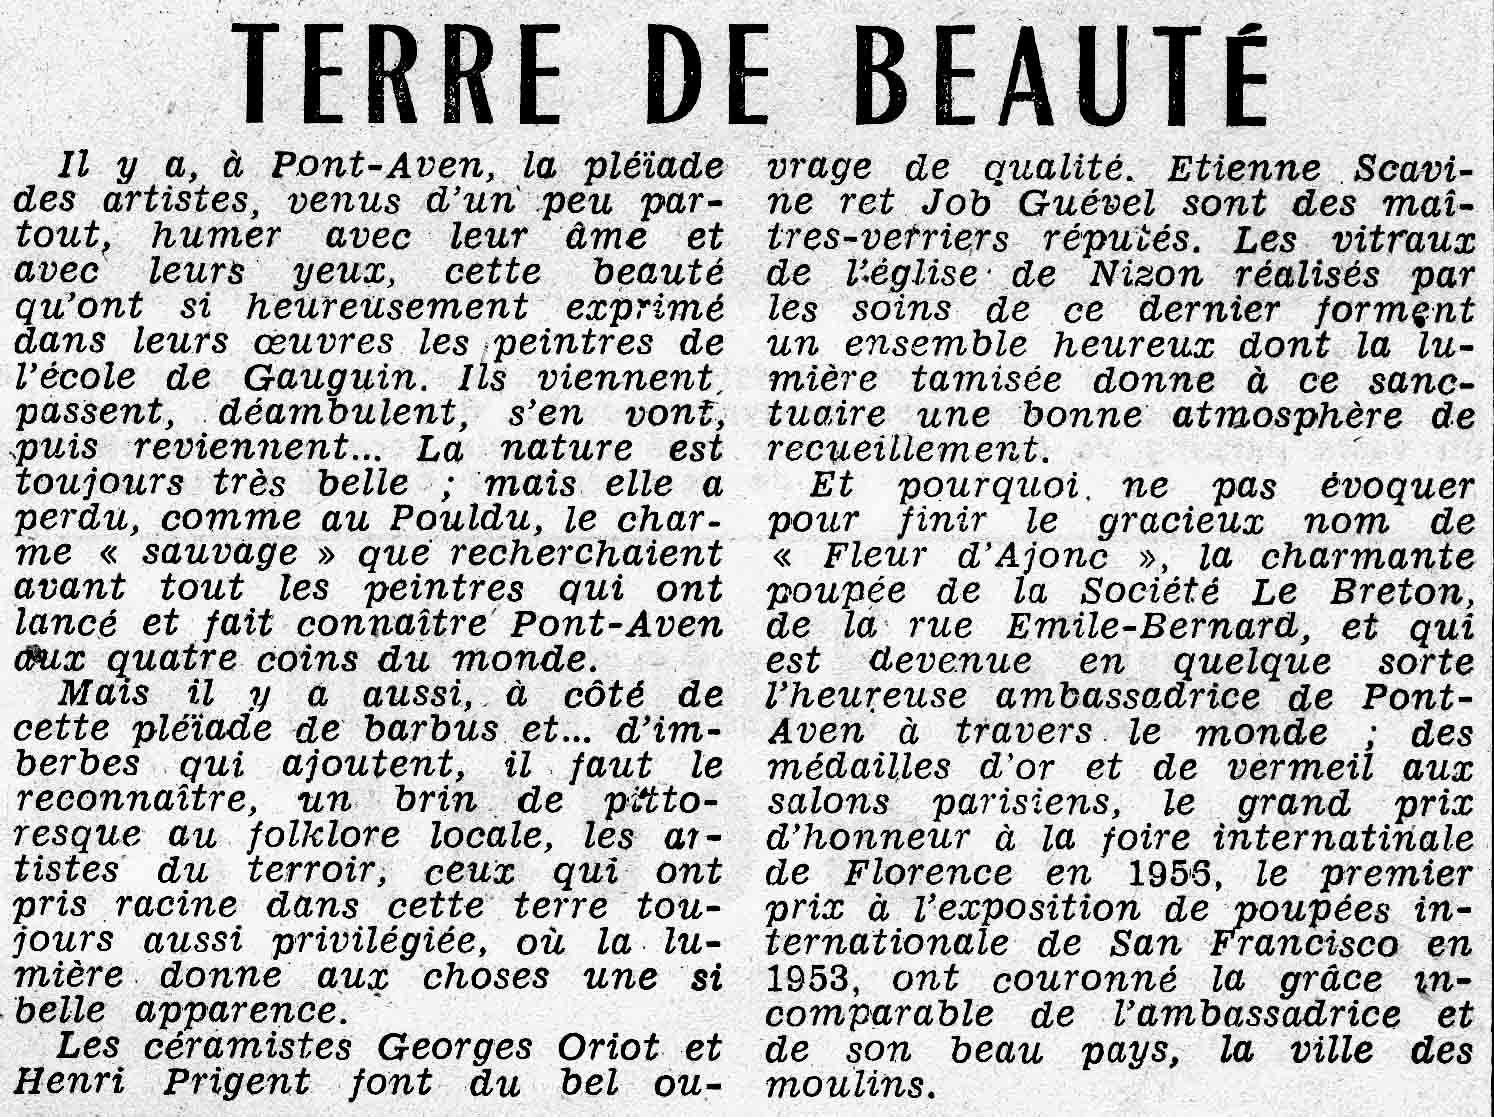 Terre de beauté : La presse de 1963